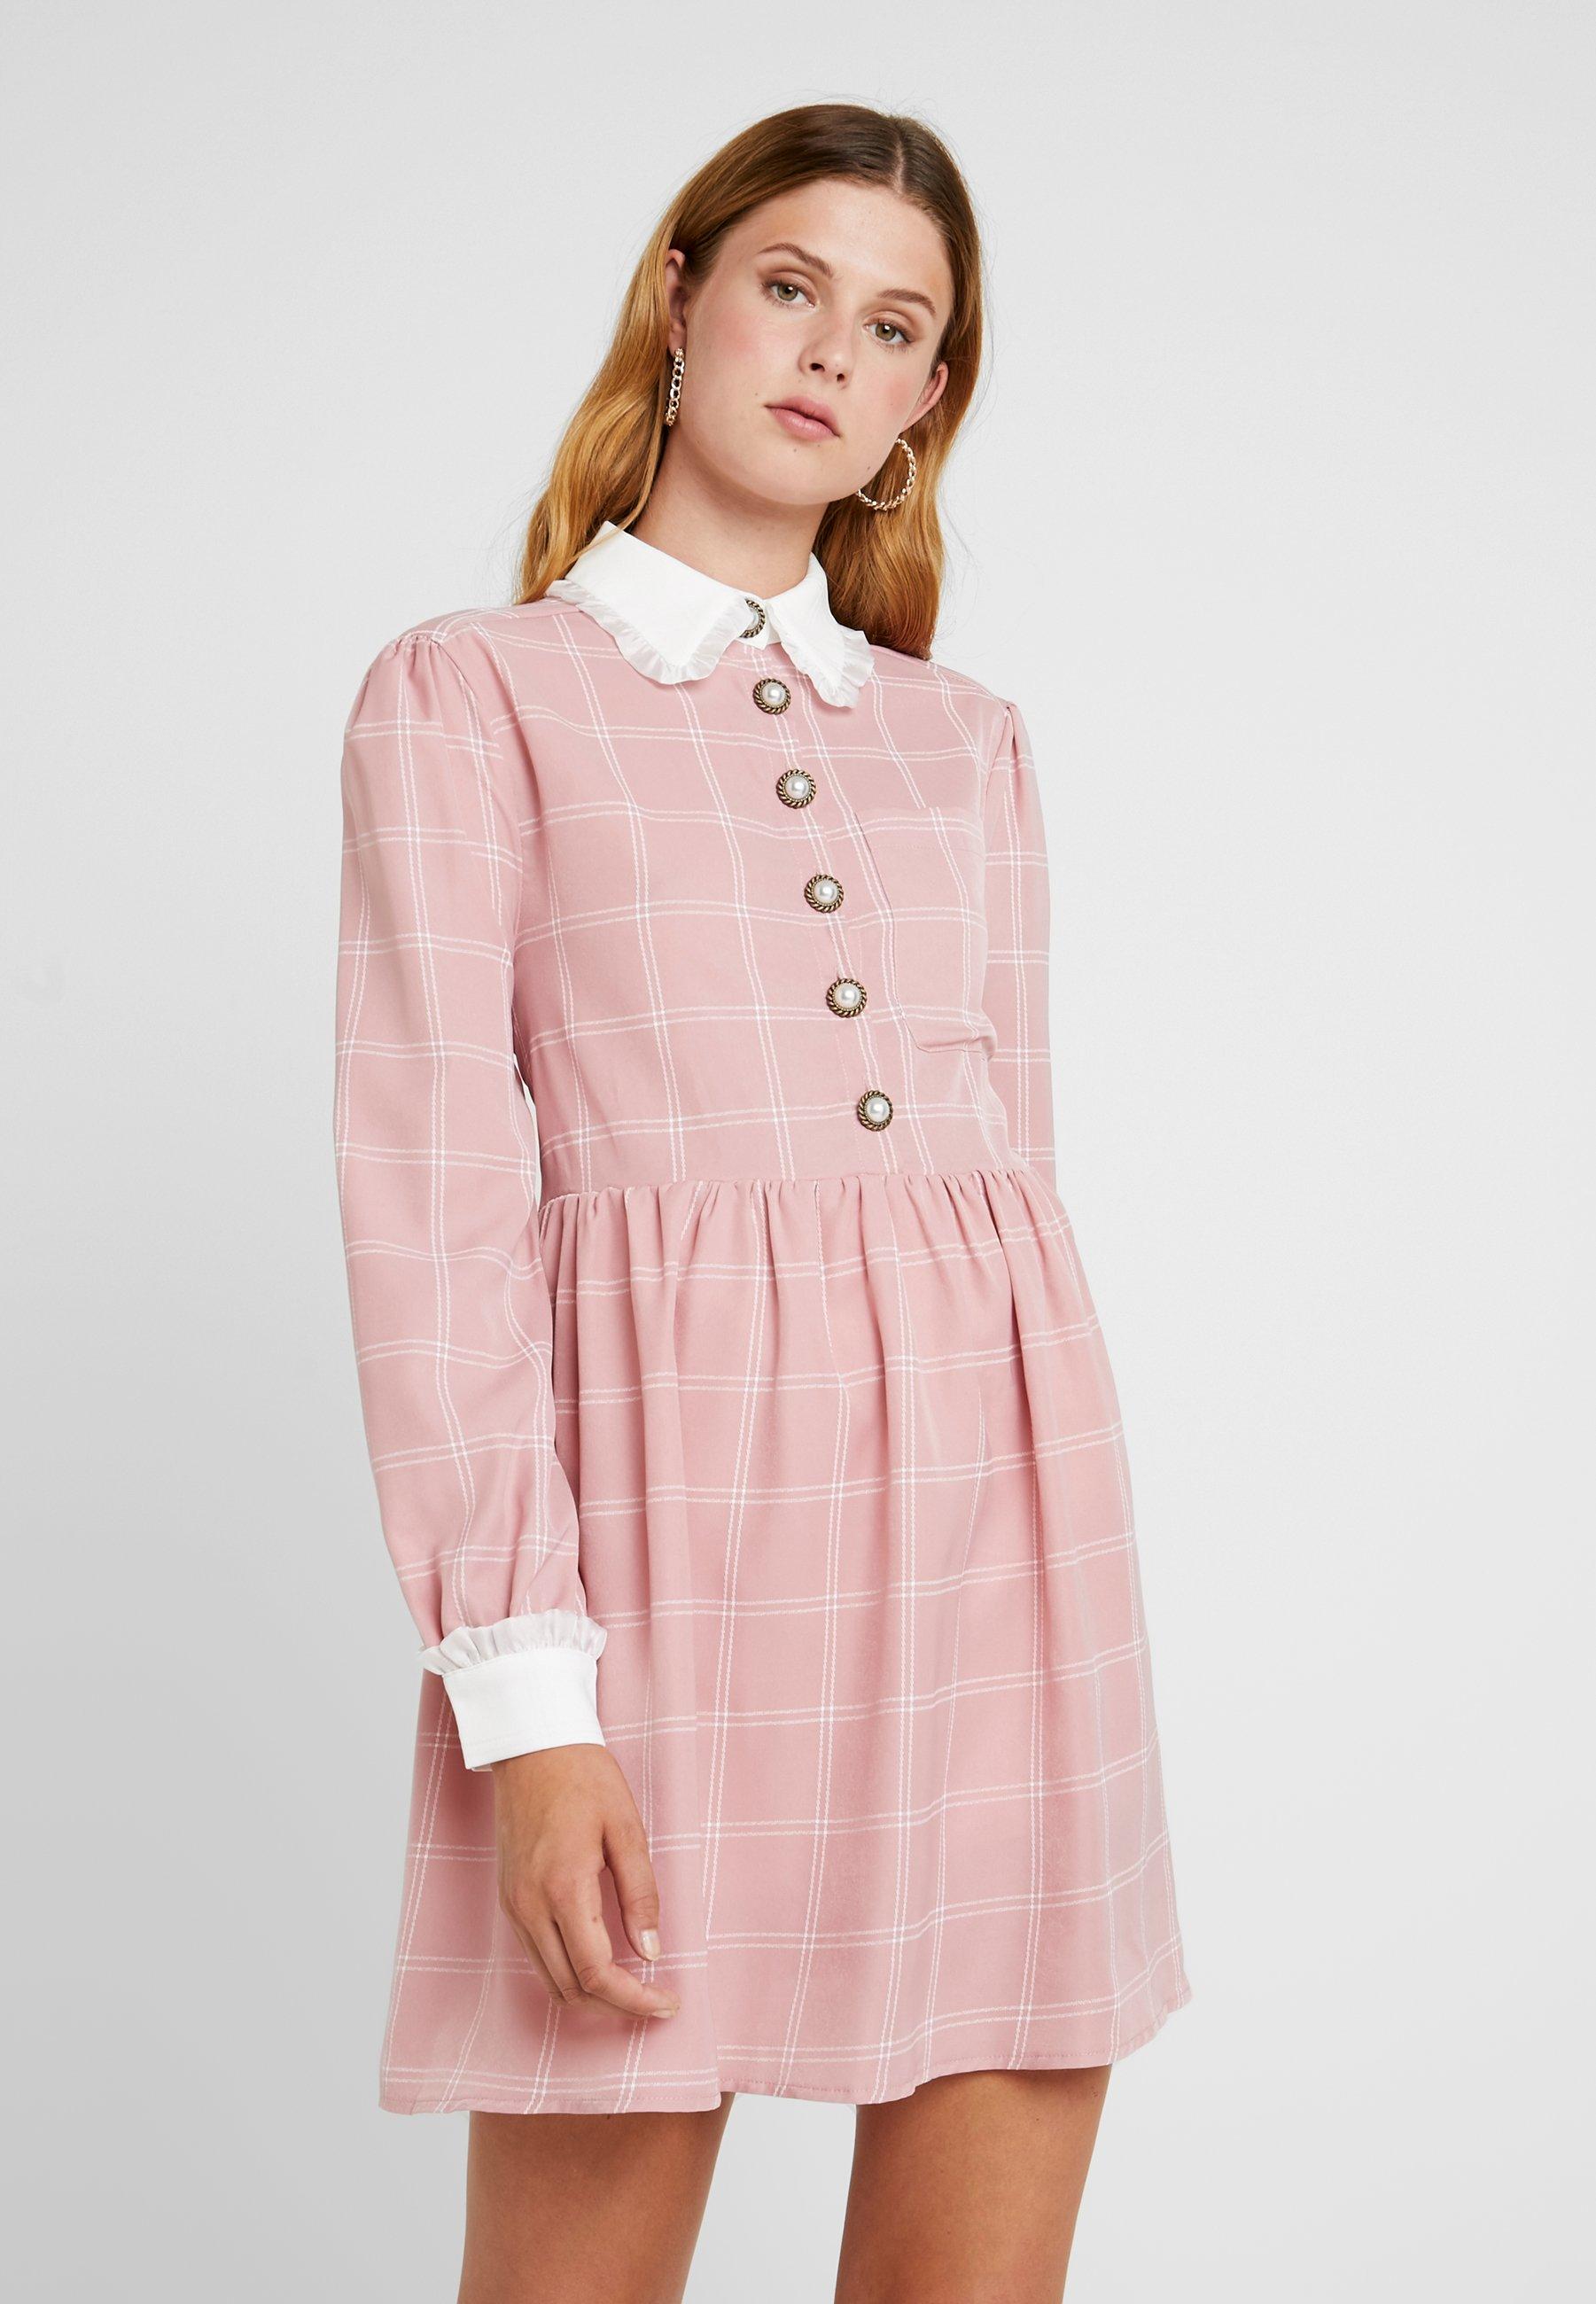 Smock DressRobe Chemise Just Pink Jane Sister clJTKF1